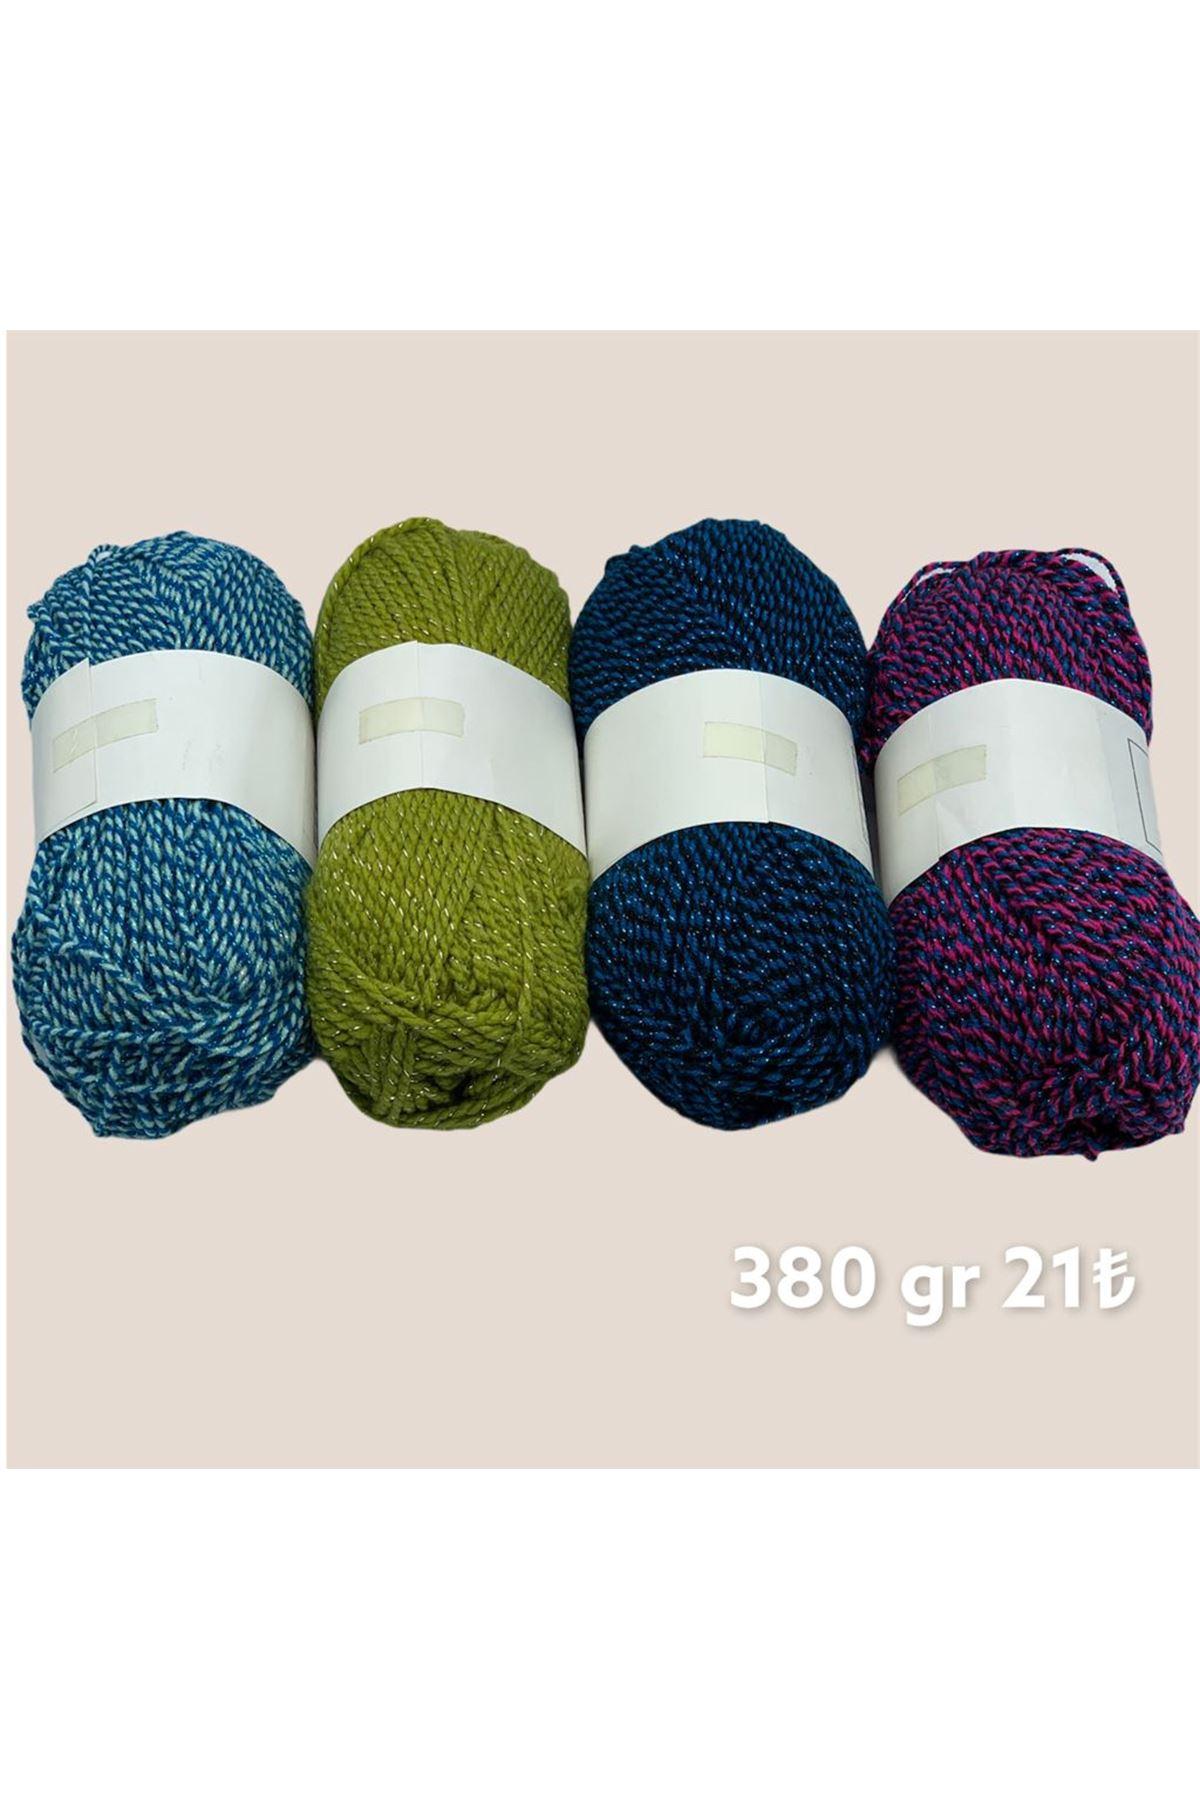 Stok Fazlası Karışık Paket 380 gr